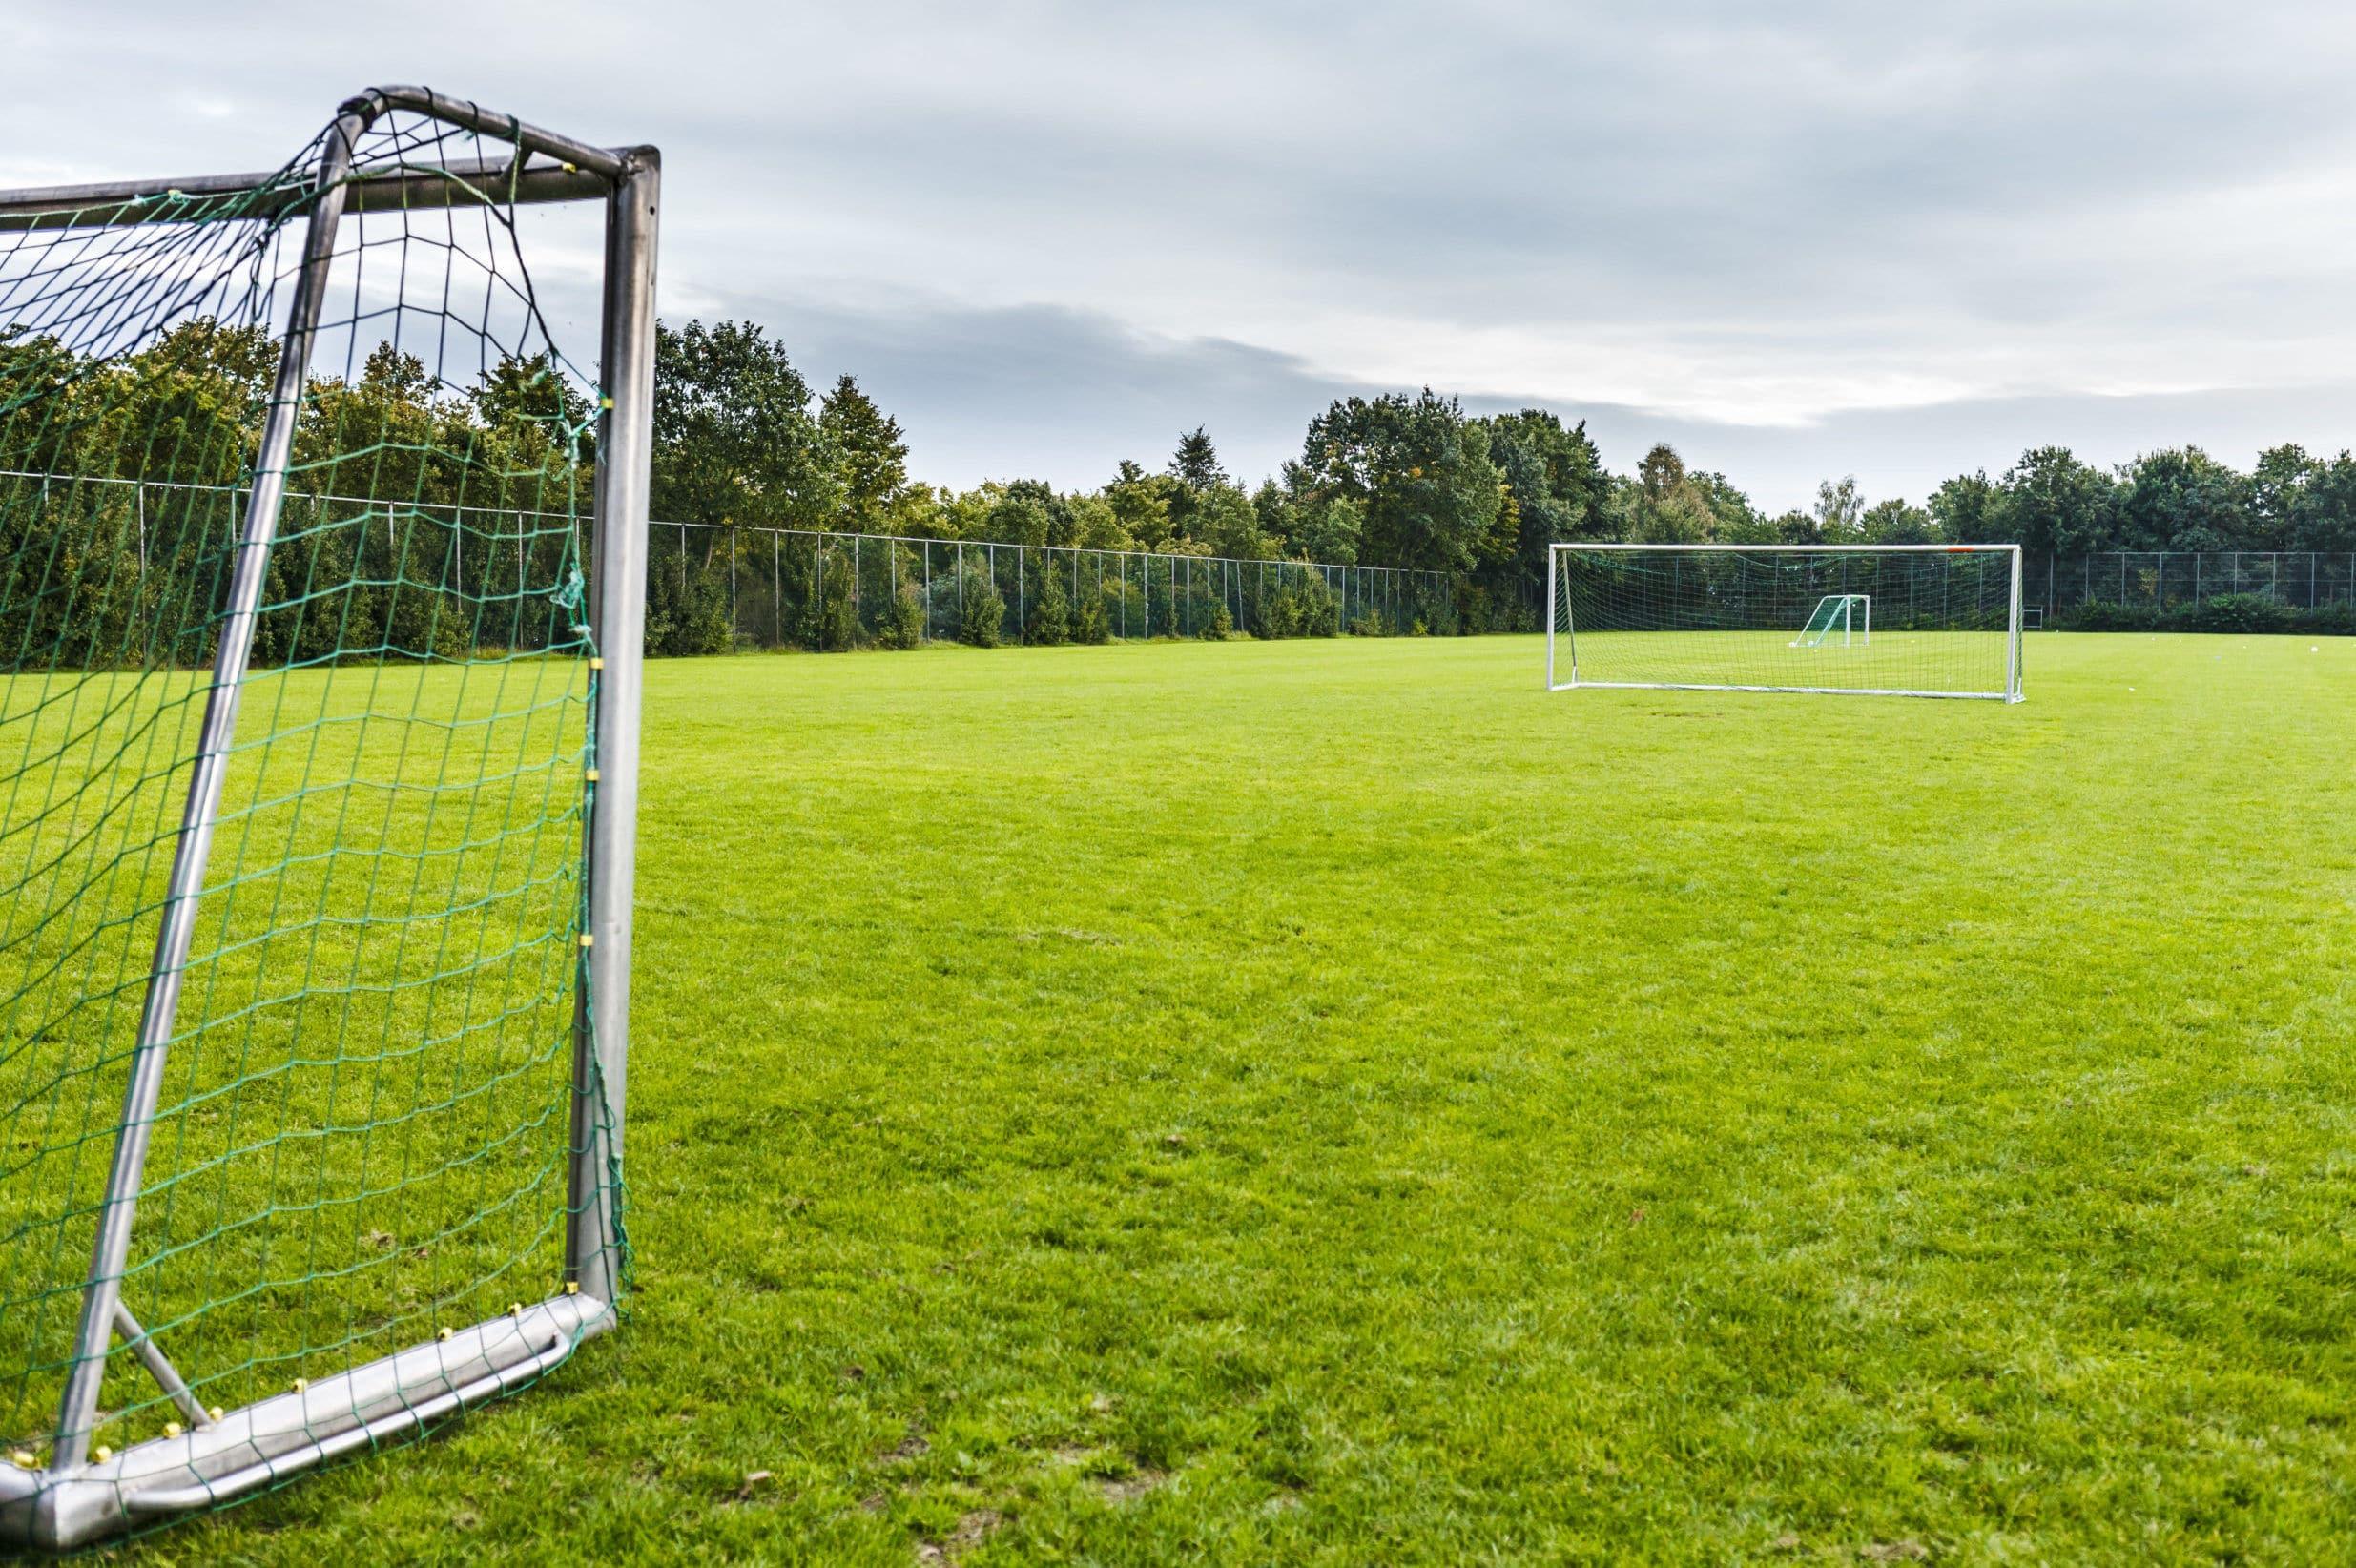 Rasentrainingsplatz Fussball Trainingslager an der Aller